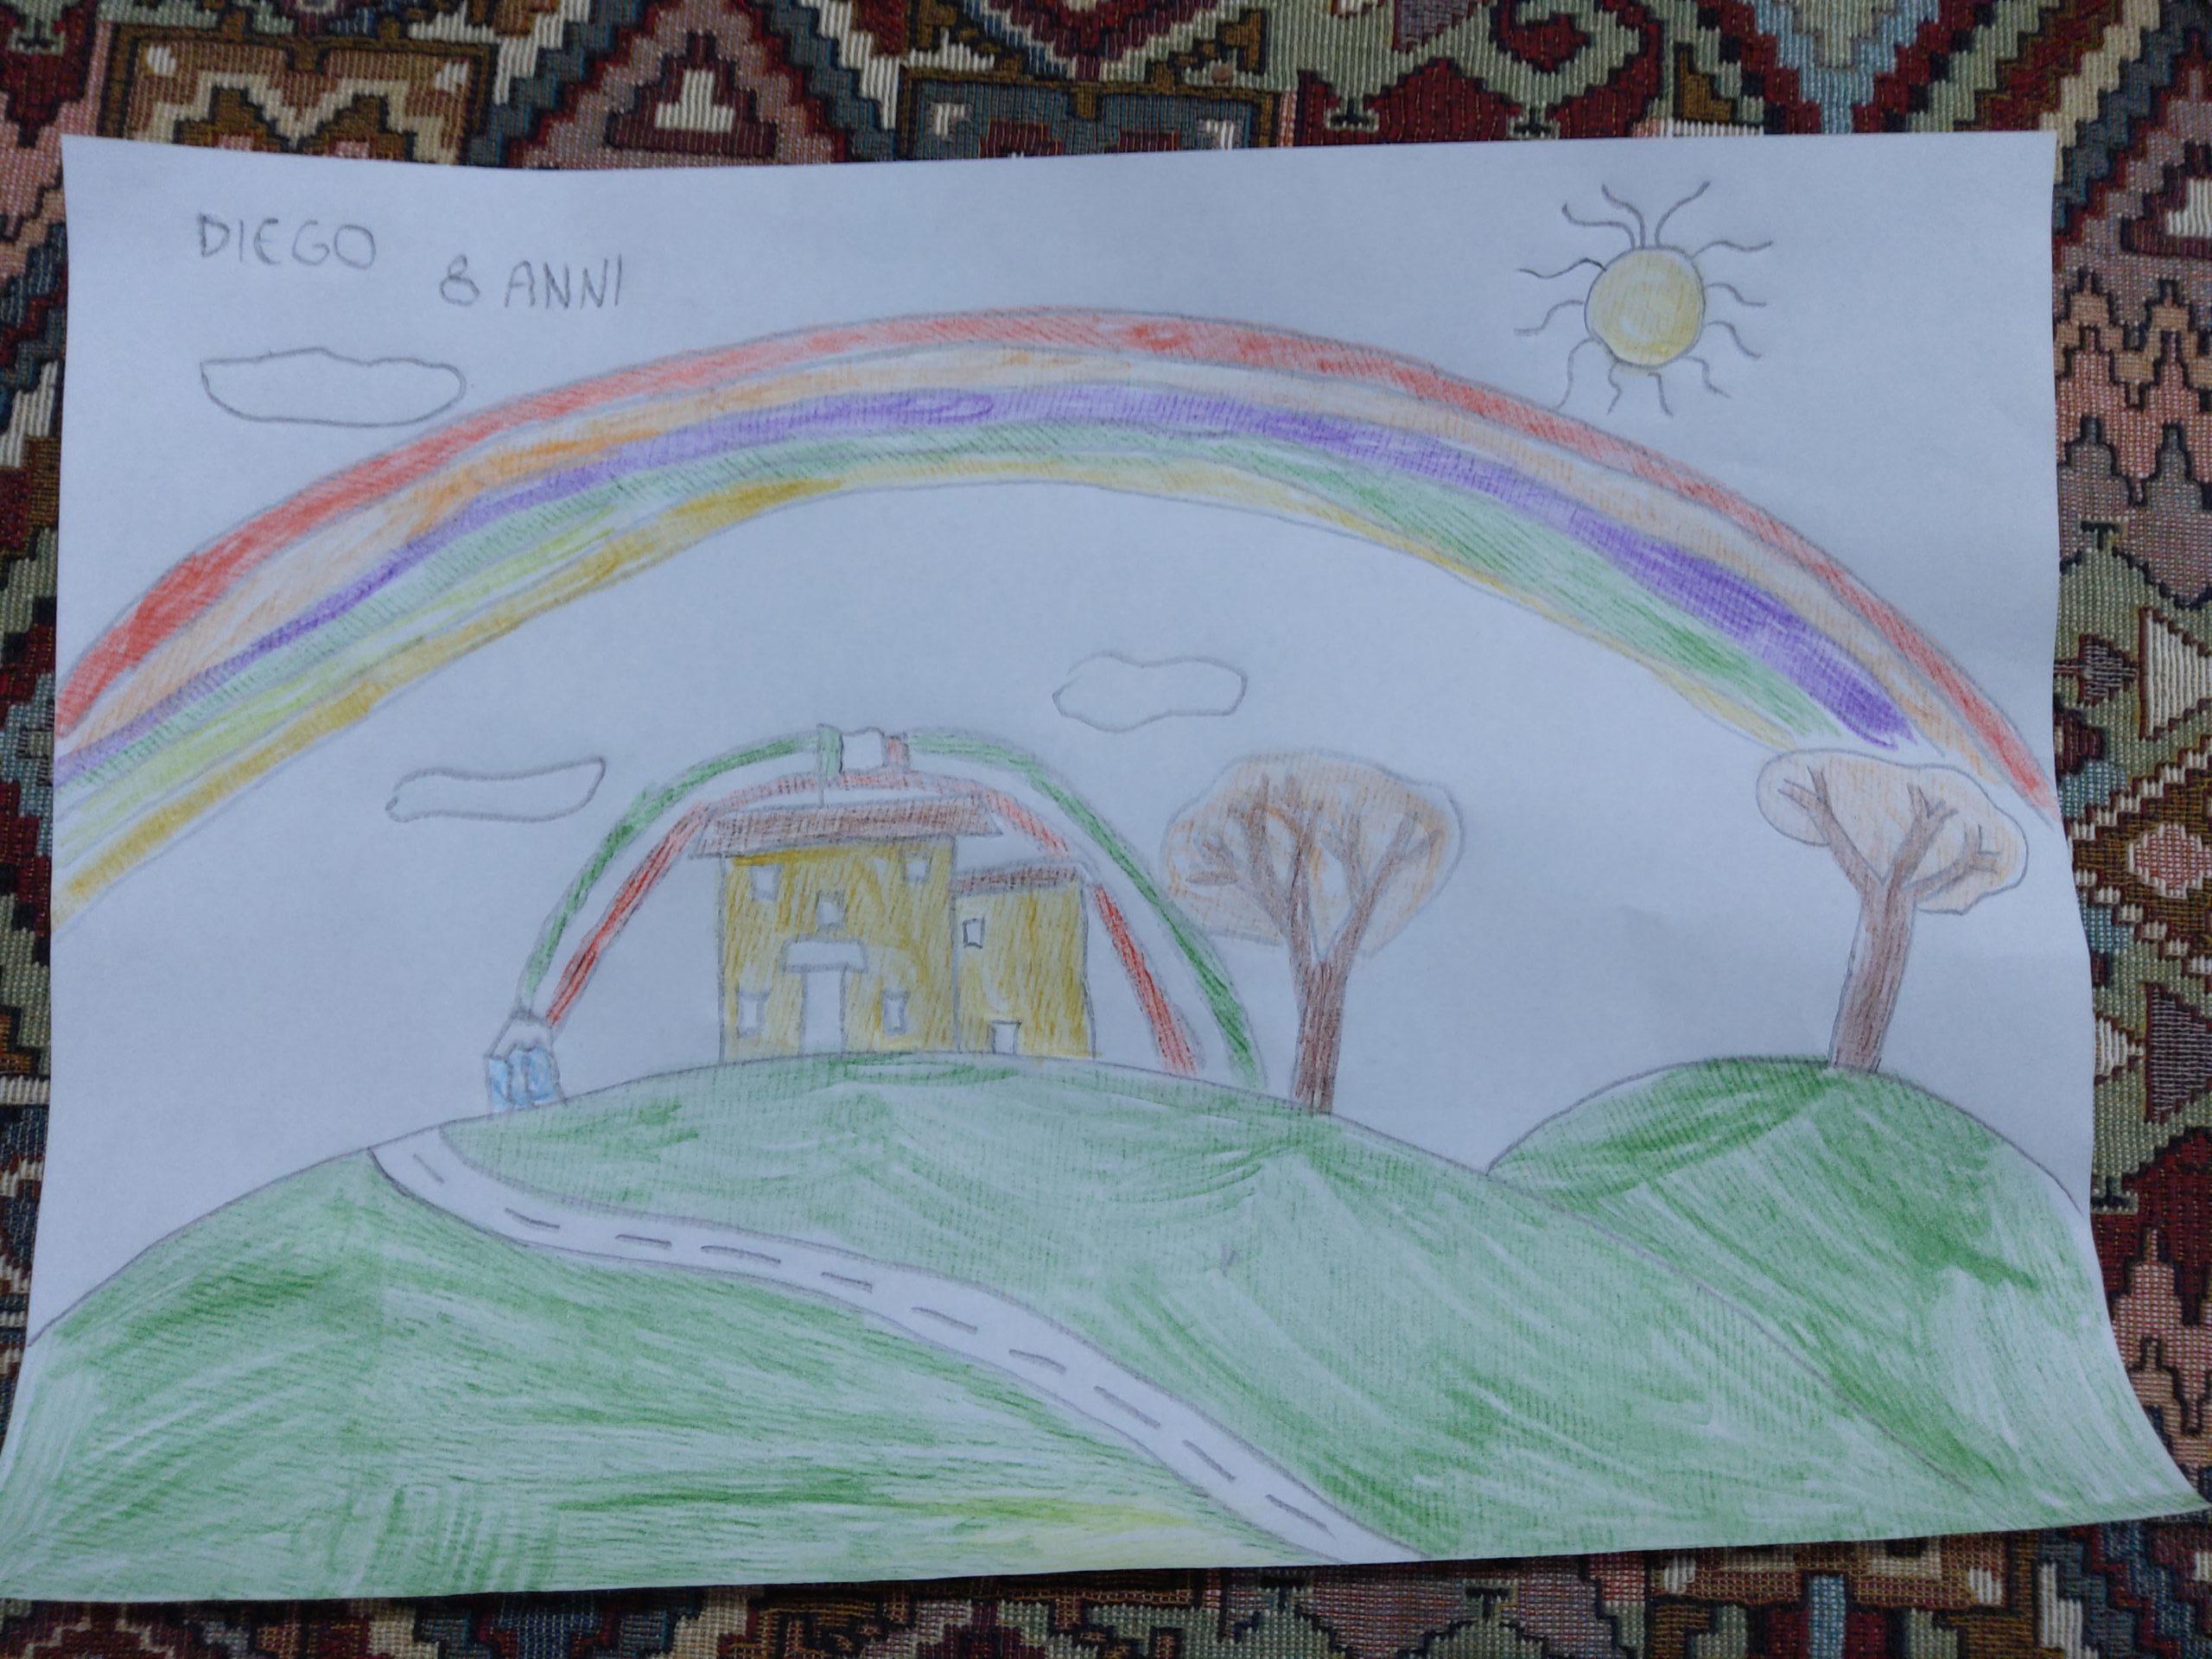 Questo disegno lo ha fatto Diego (8 anni)